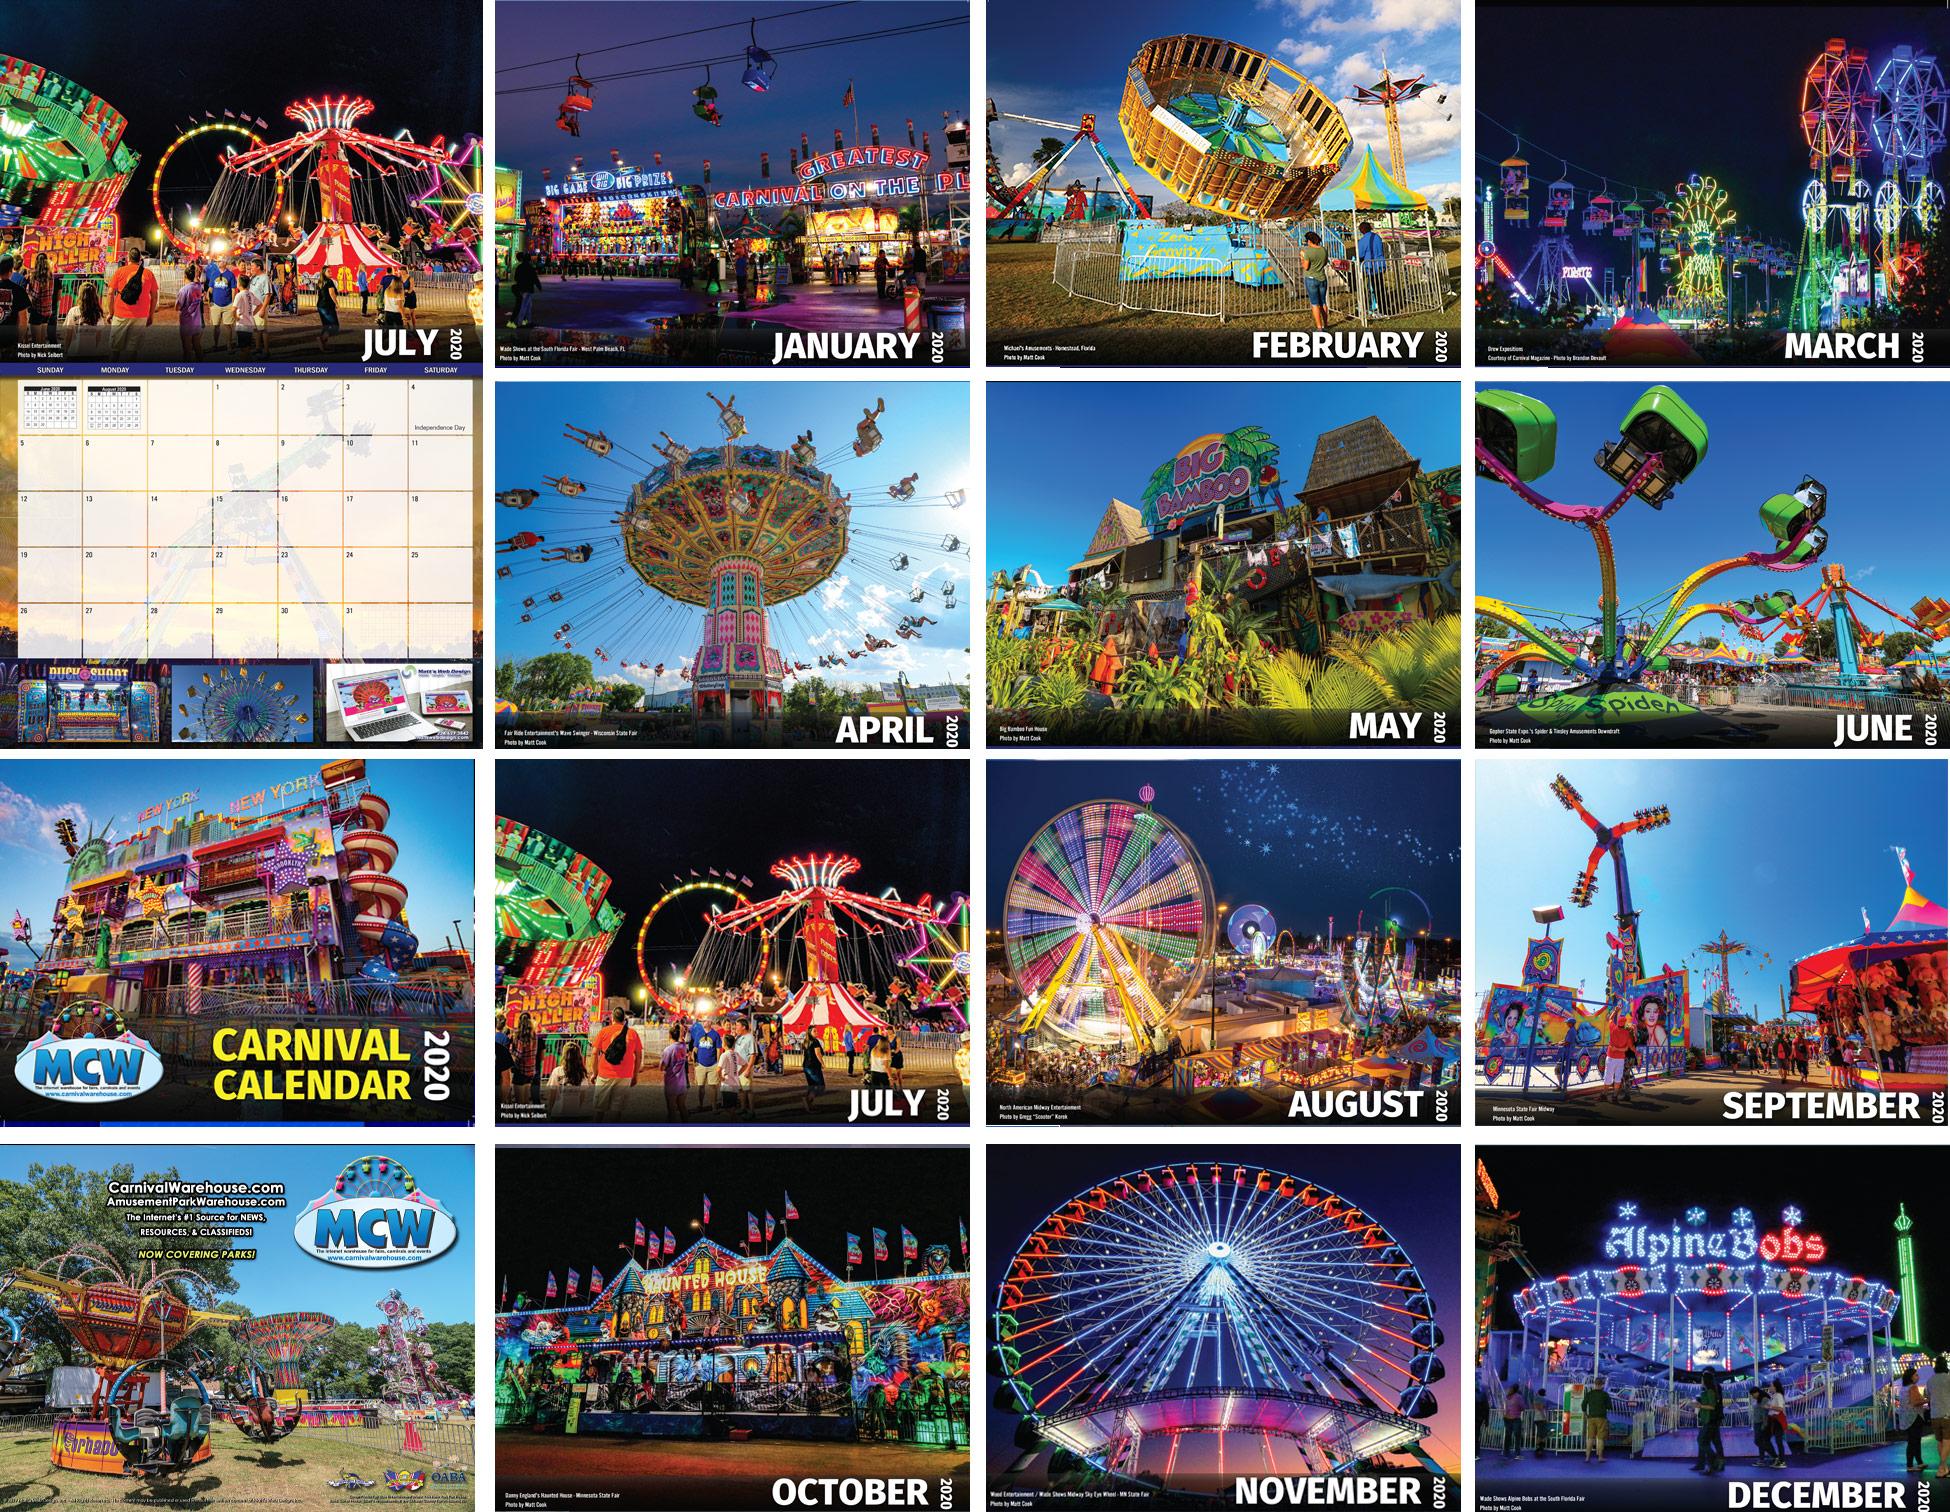 2019 Carnival Calendar Preview